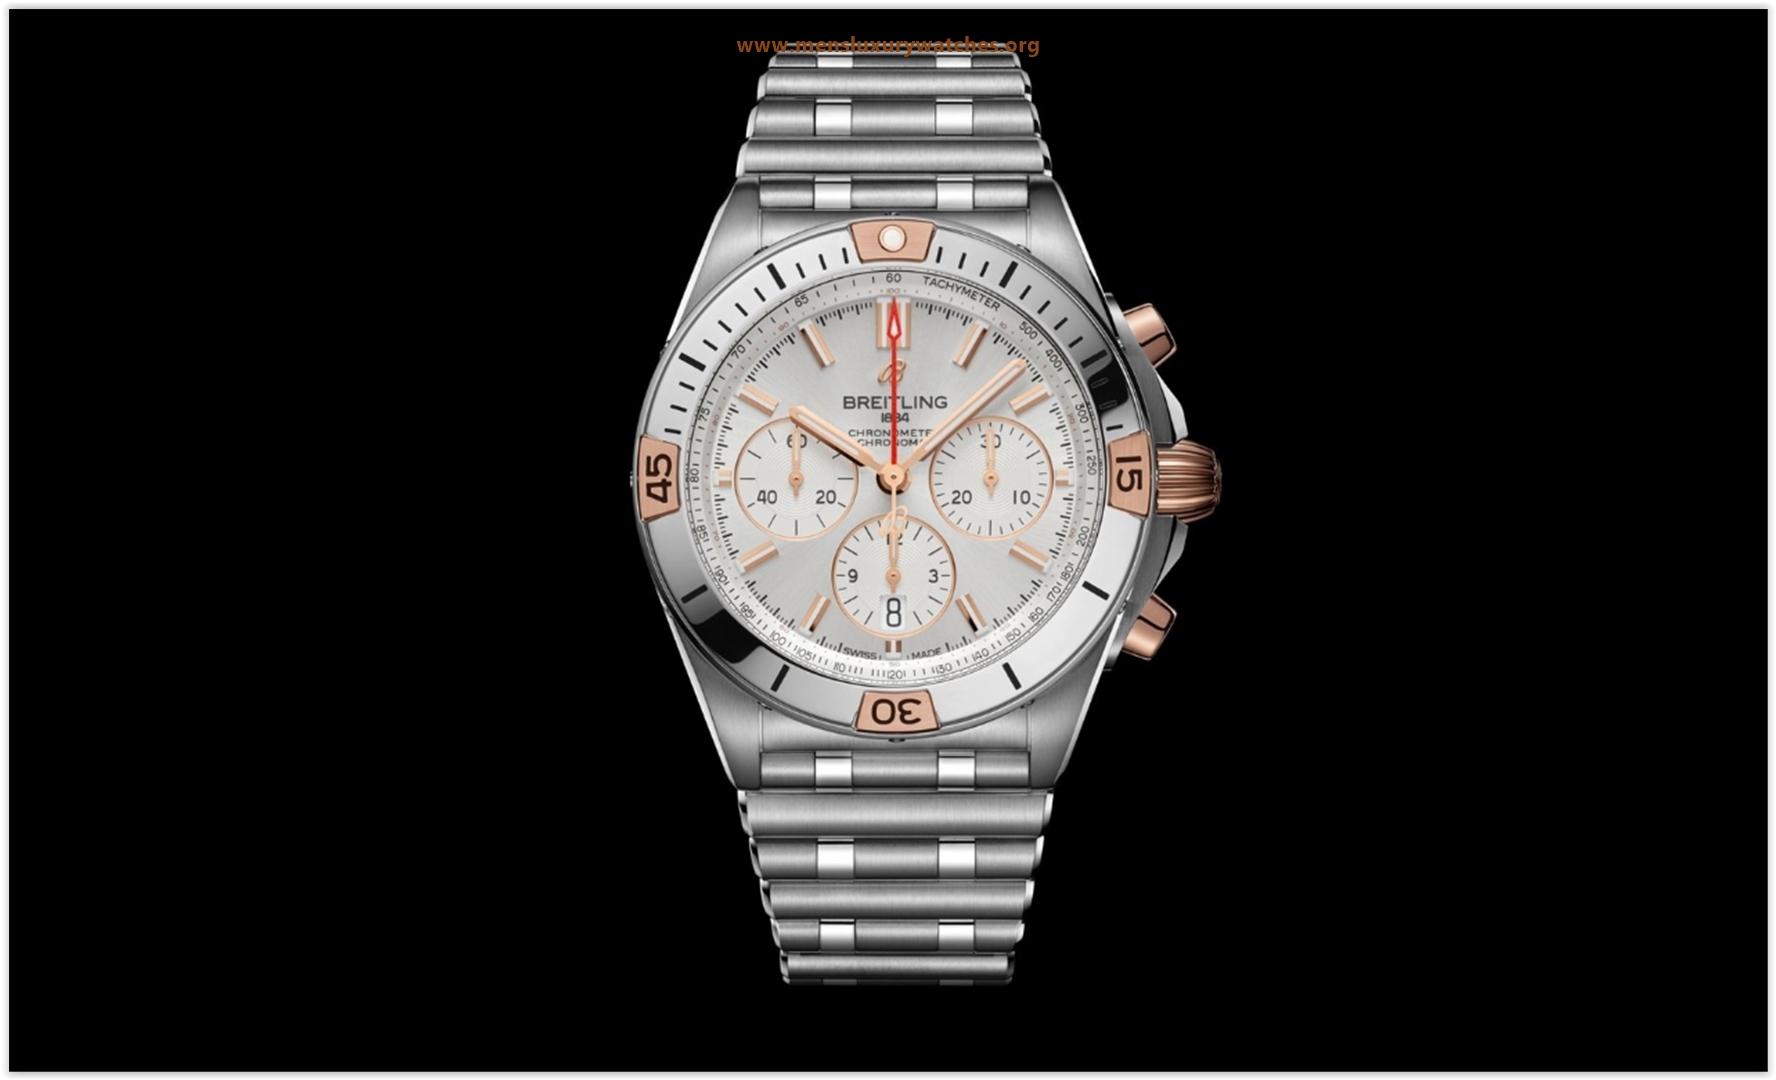 New Breitling Chronomat